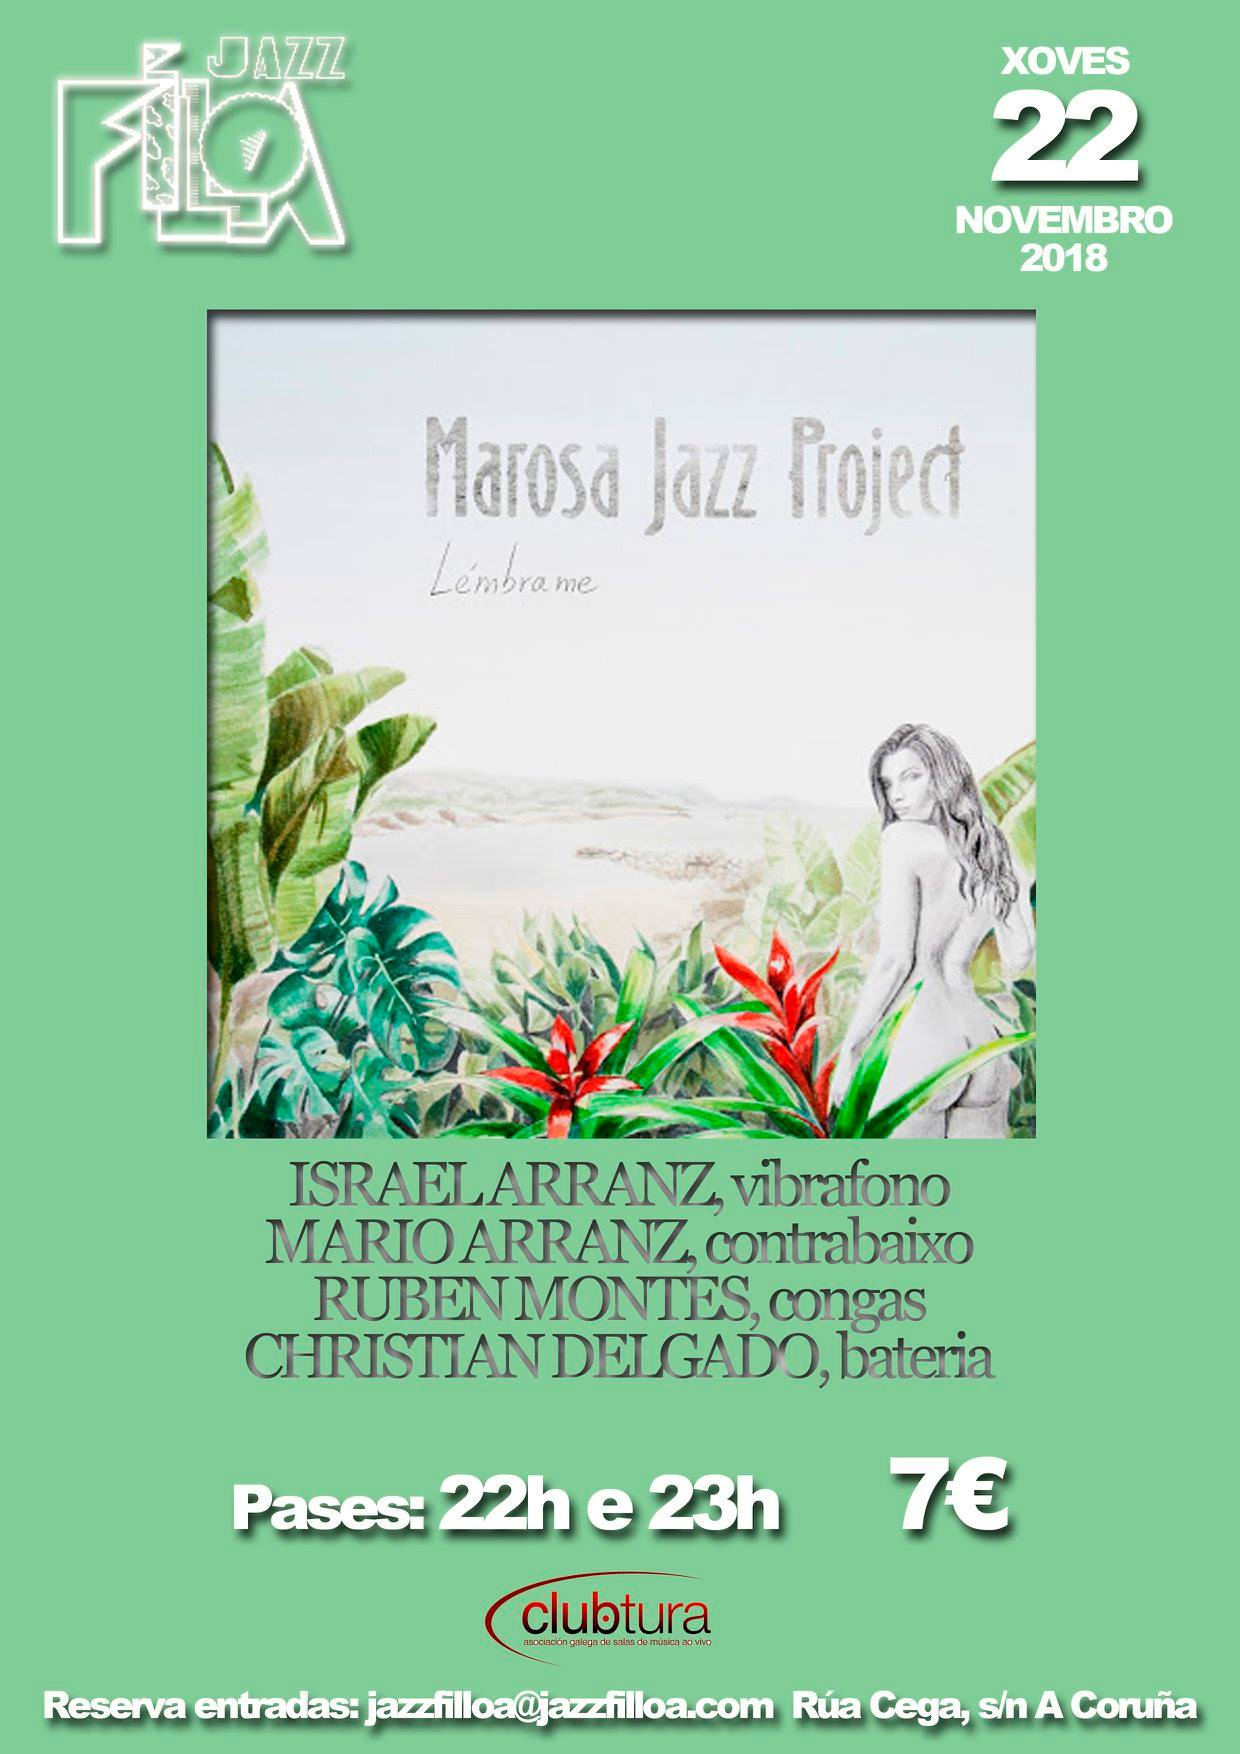 agenda del finde jazz coruña